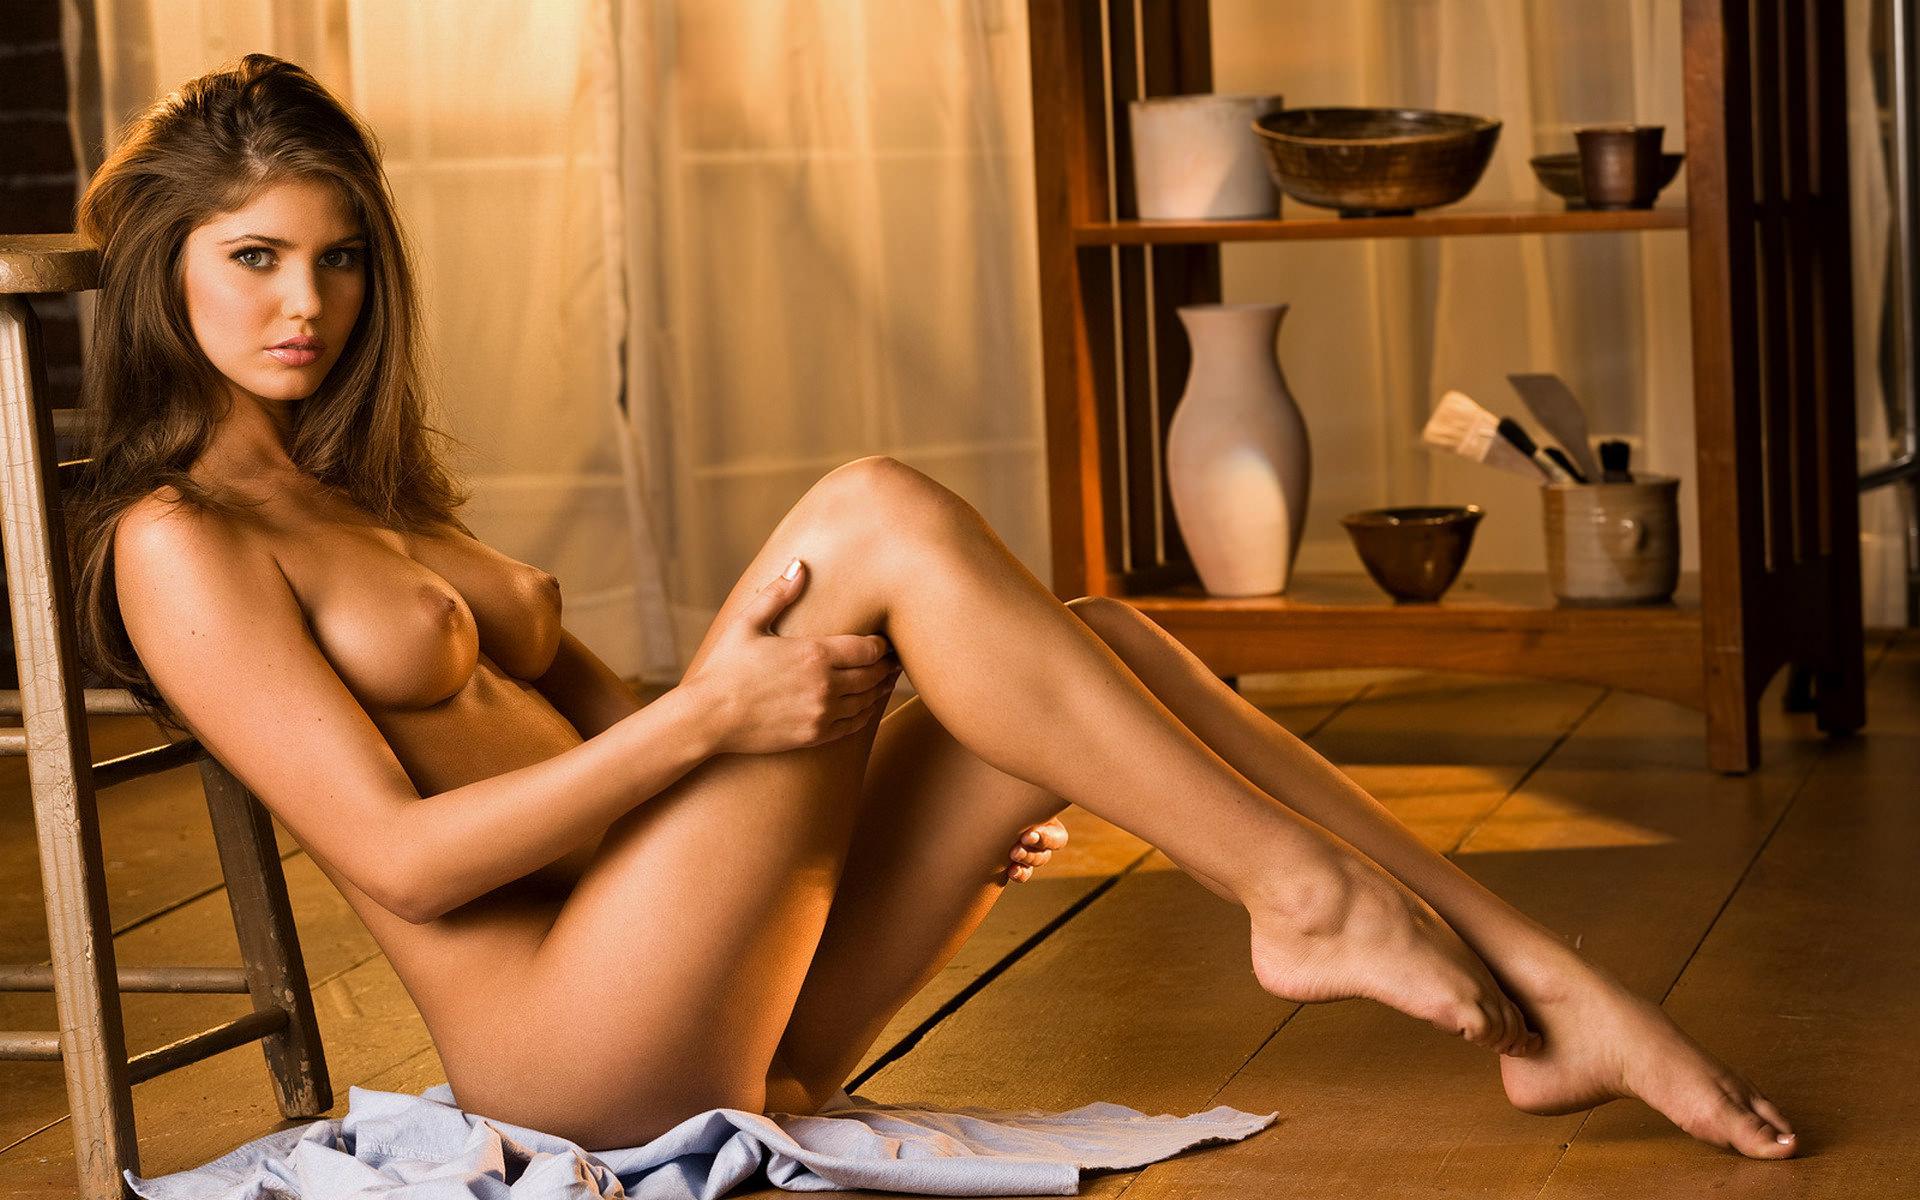 Сексуальная брюнетка с красивыми длинными ножками 25 фотография